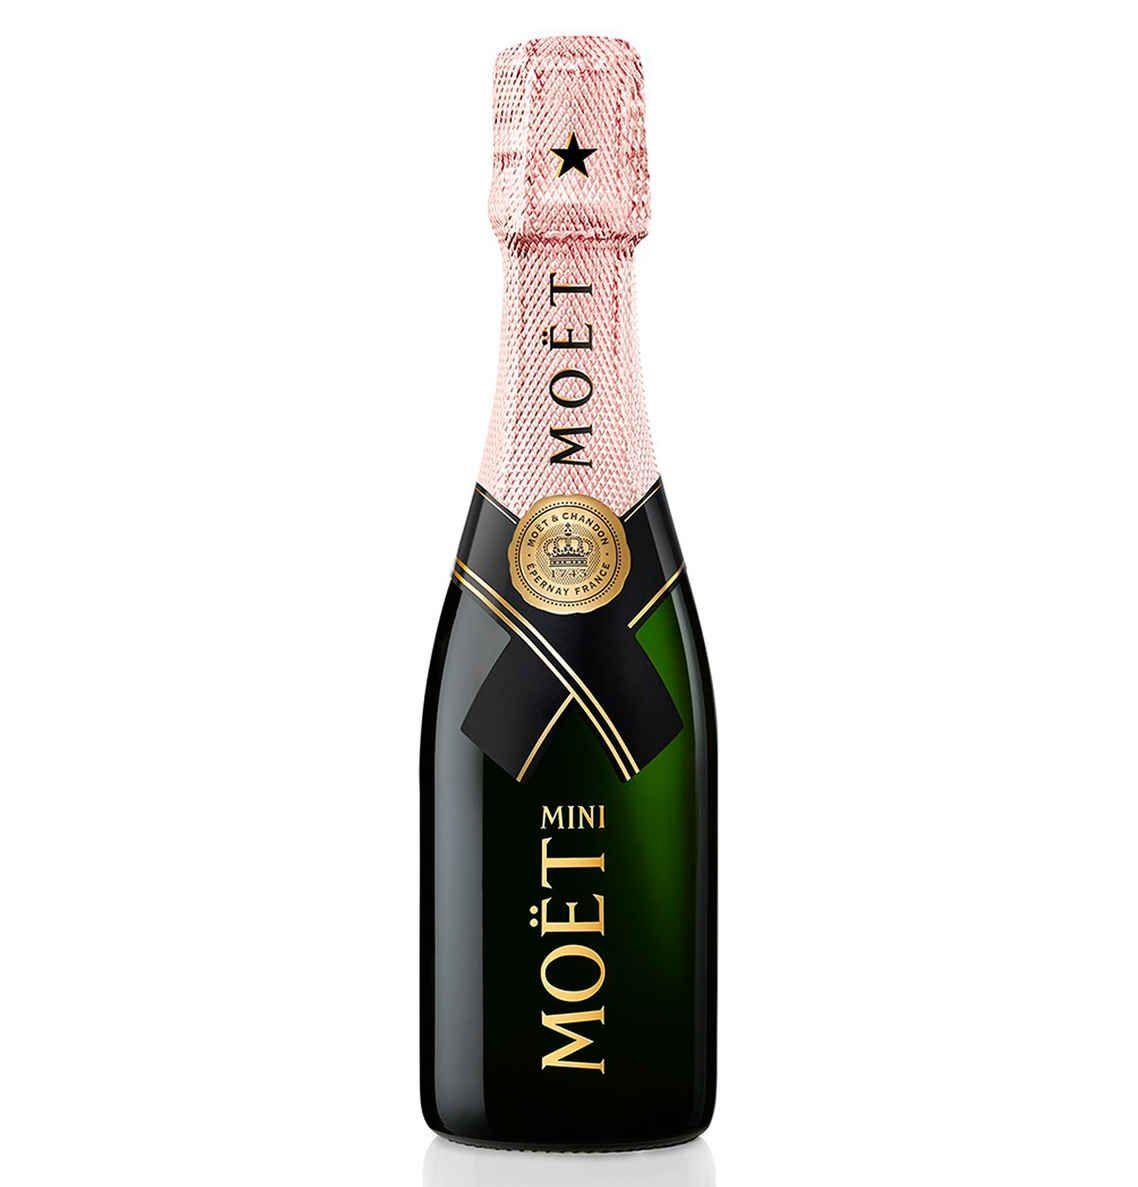 Geslaagd!? Klein flesje Moet & Chandon rose champagne met 82% korting @ Hudson's Bay